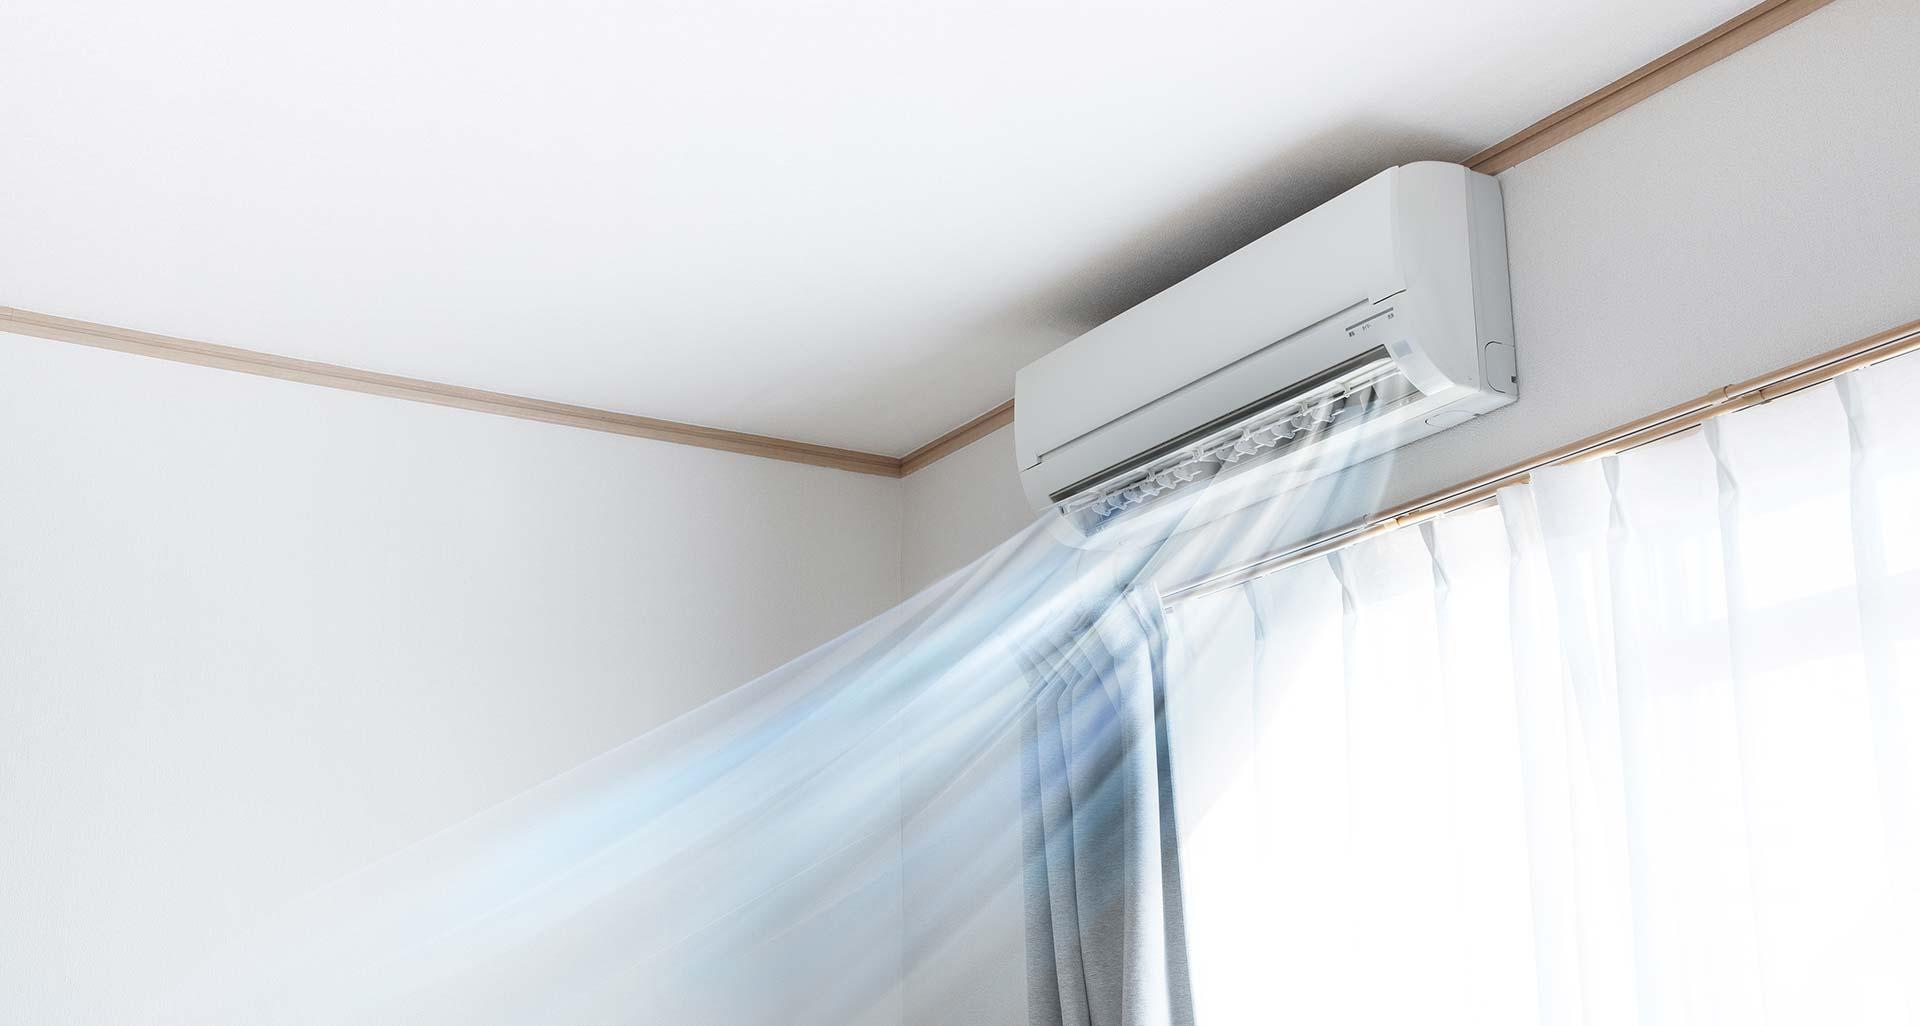 แก้โลกร้อนด้วยเครื่องปรับอากาศ?